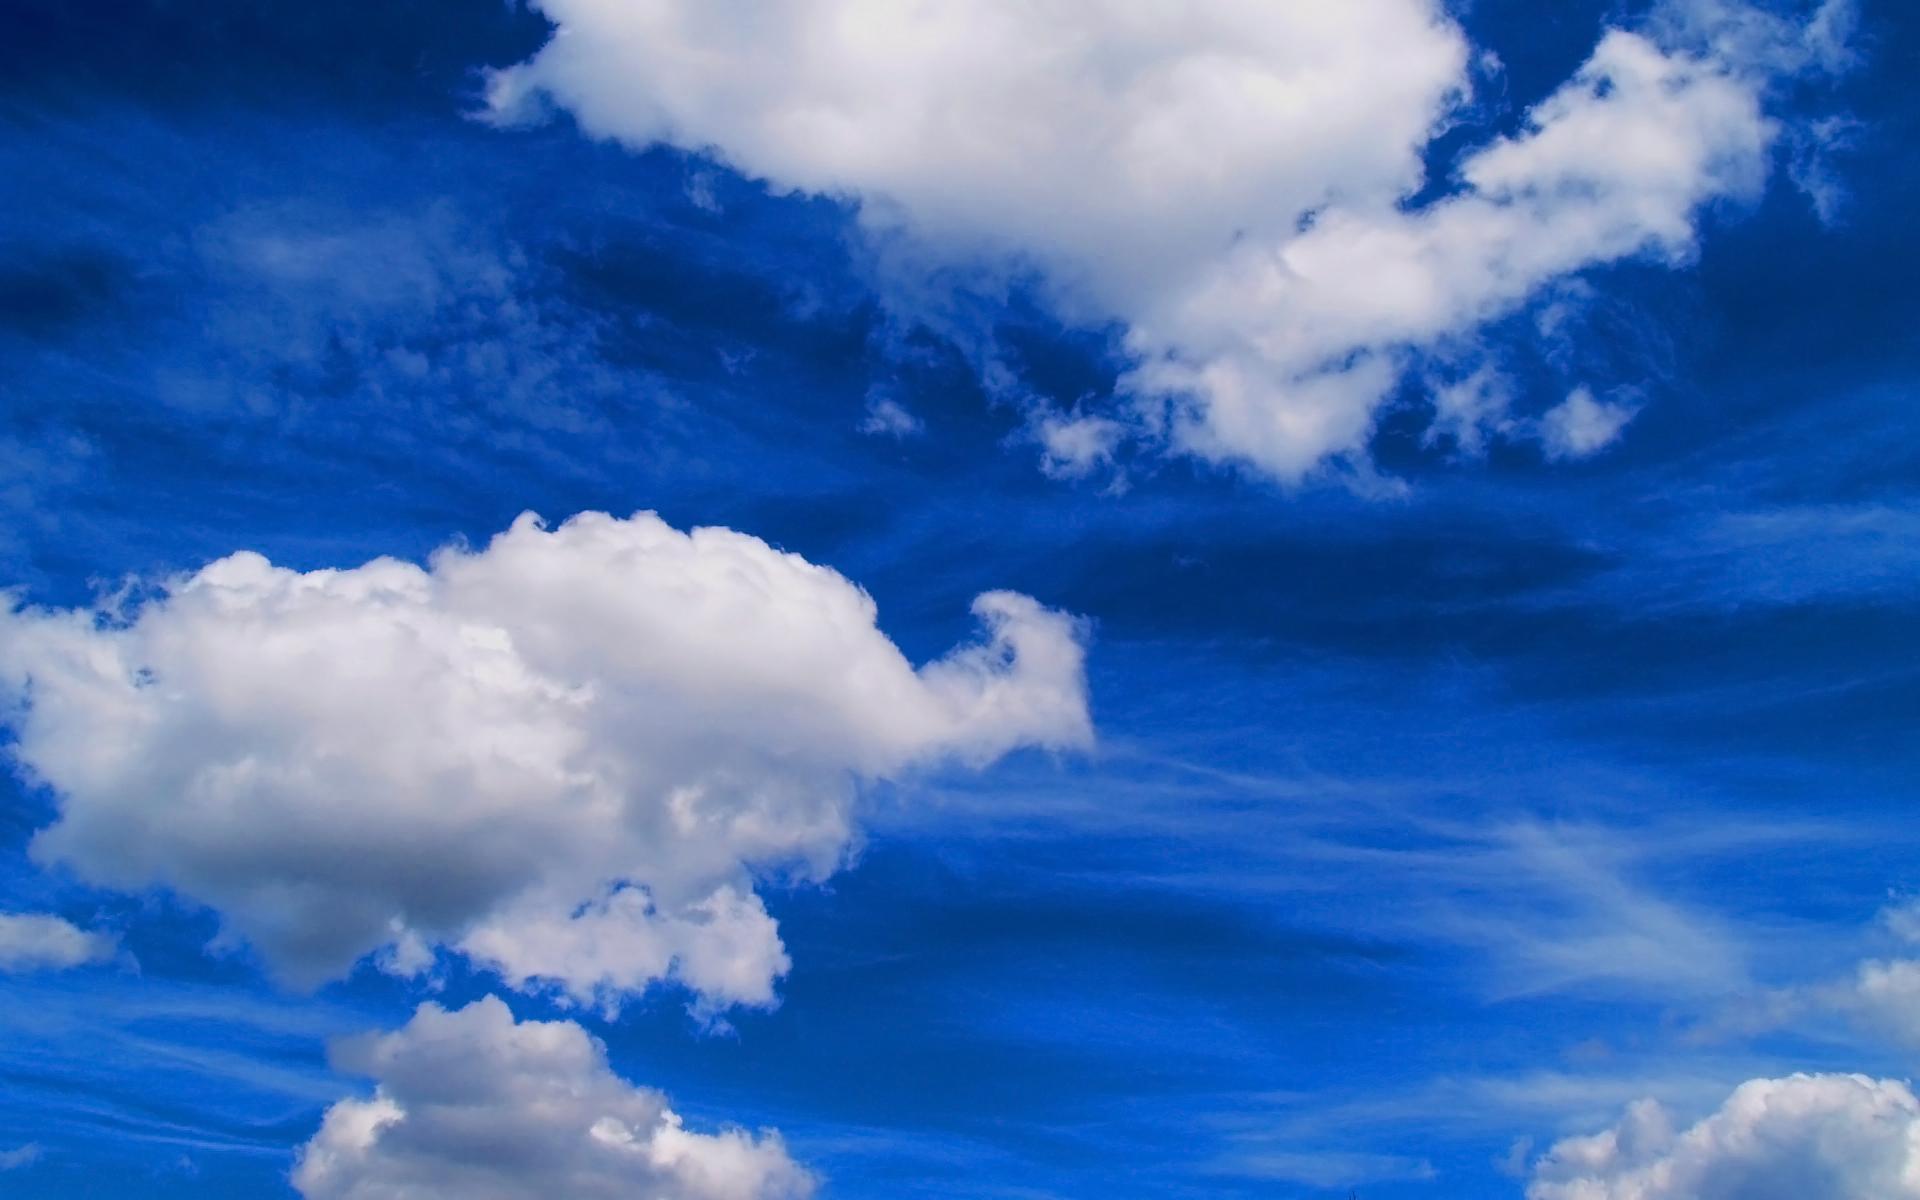 небо, облака, скачать фото, обои для рабочего стола